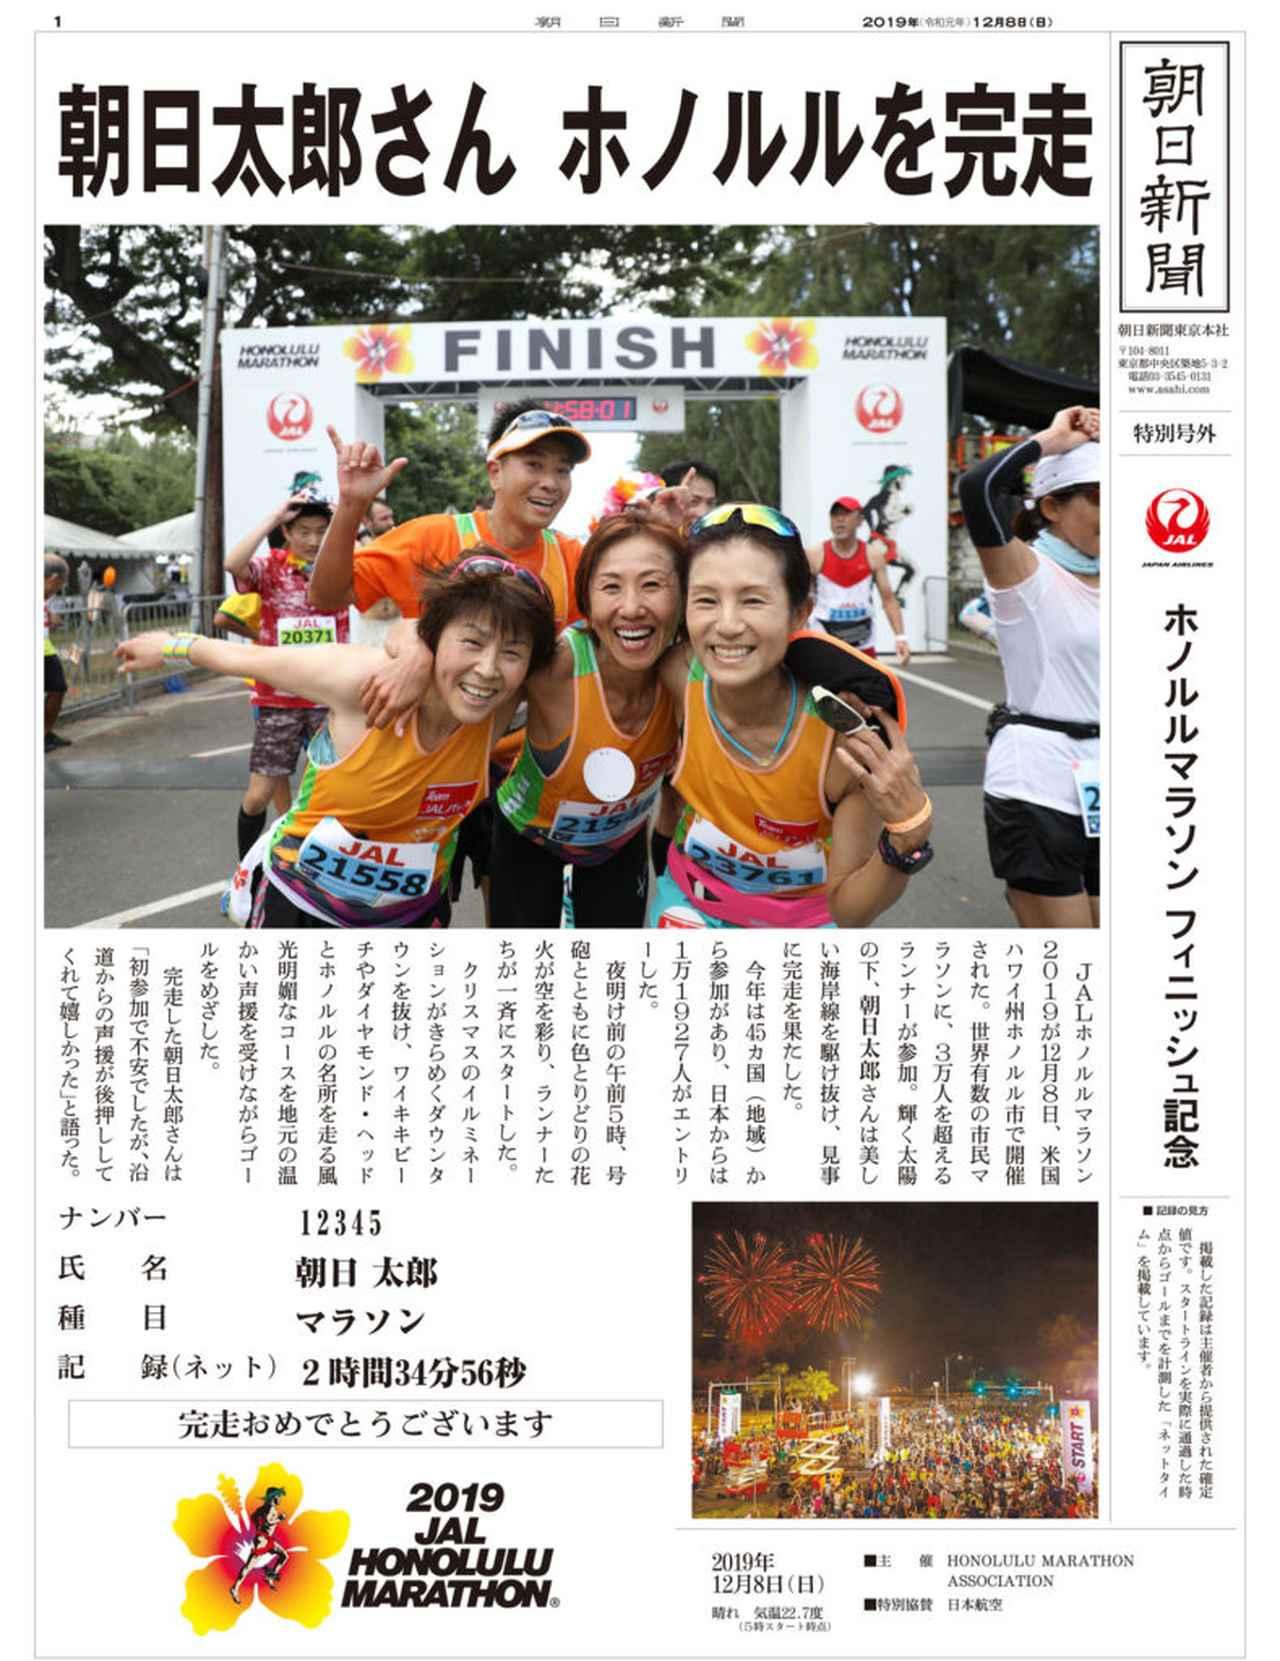 画像: 6.下見から大会終了後の思い出づくりまで。マラソンビギナーを強力サポート